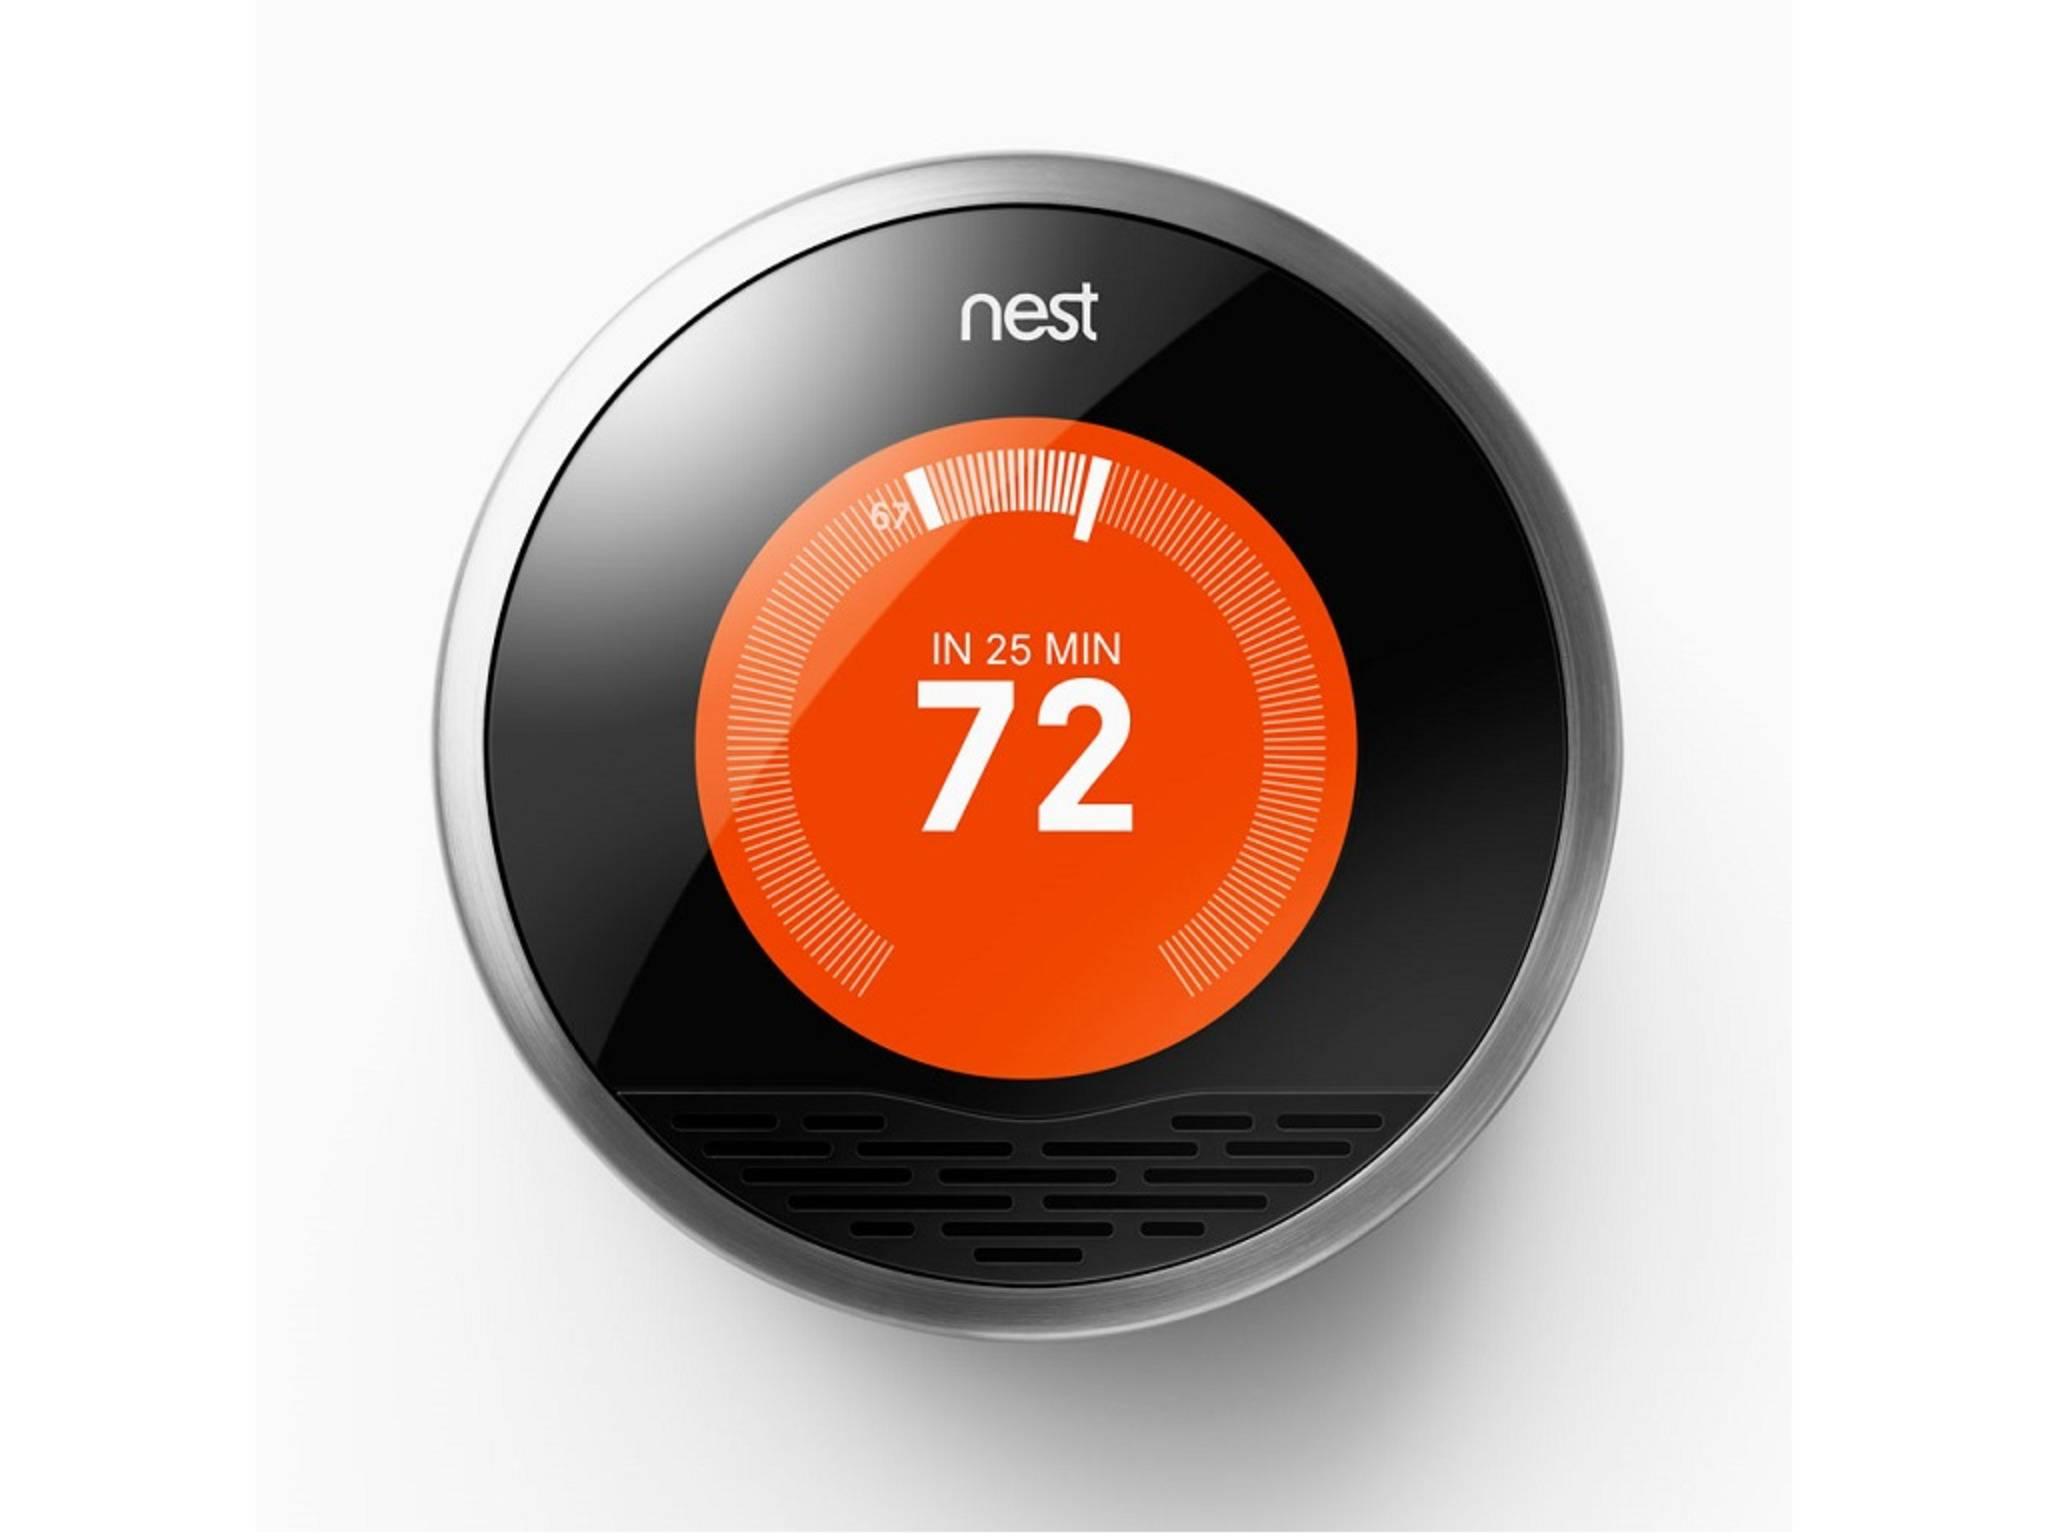 Das smarte Thermostat von Google Nest steuerst Du künftig nur per App – und nicht mehr über Deine Smartwatch.